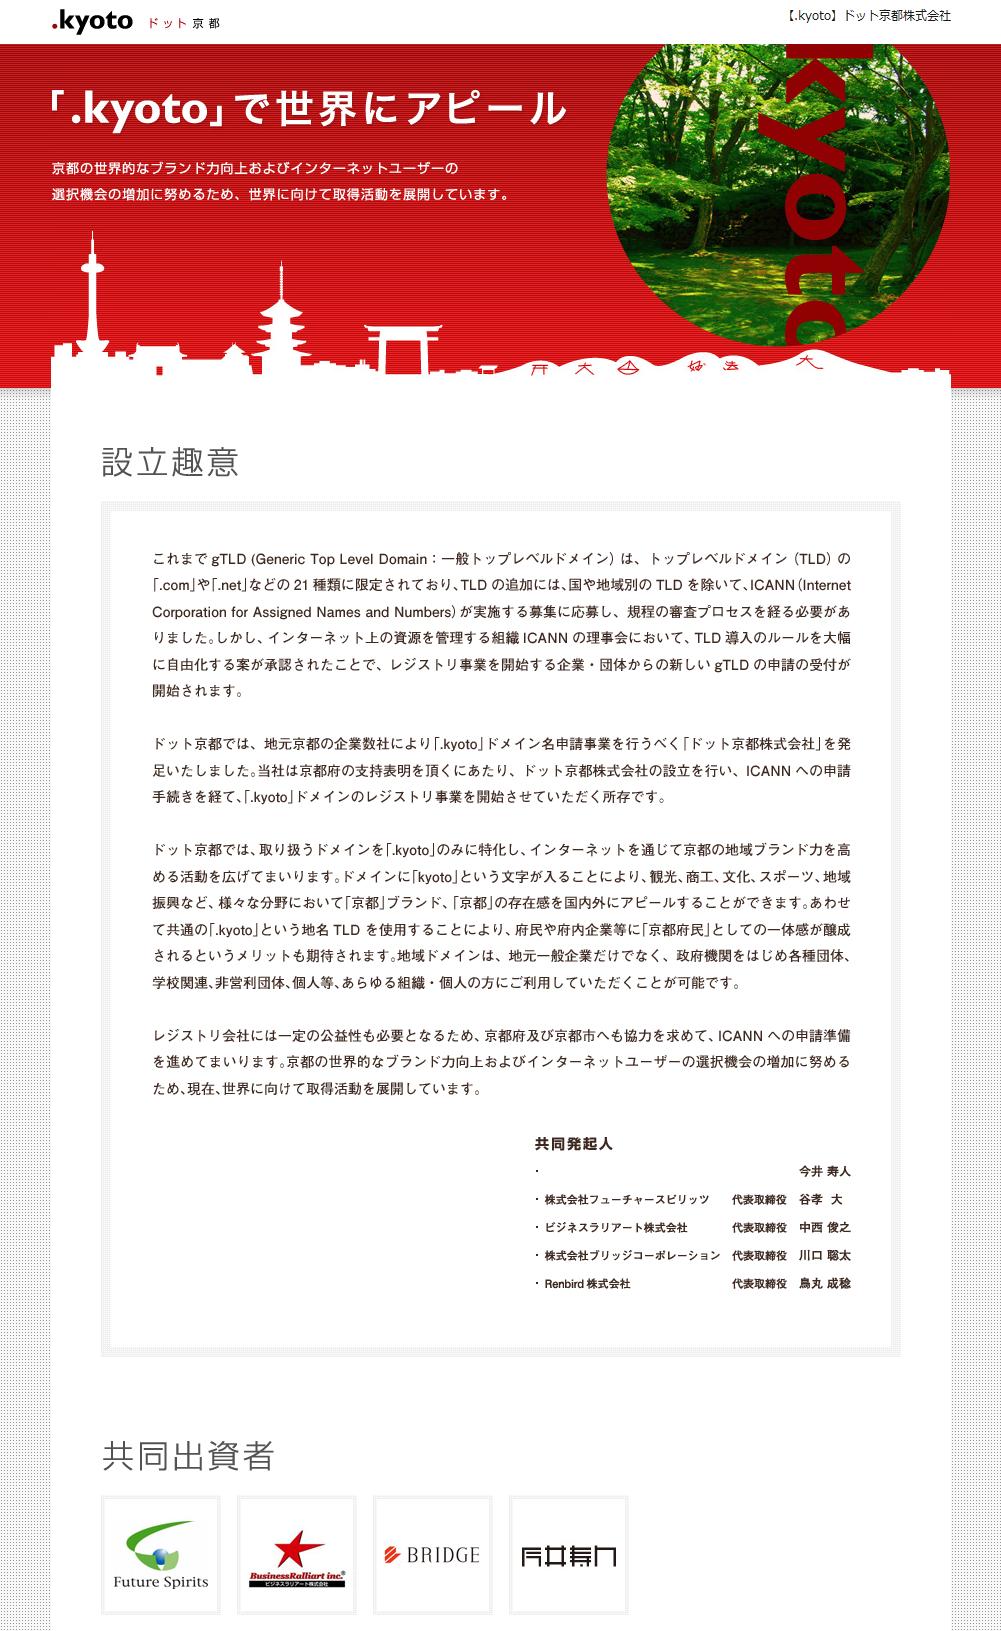 2月7日にオープンしたドット京都株式会社のウェブサイト